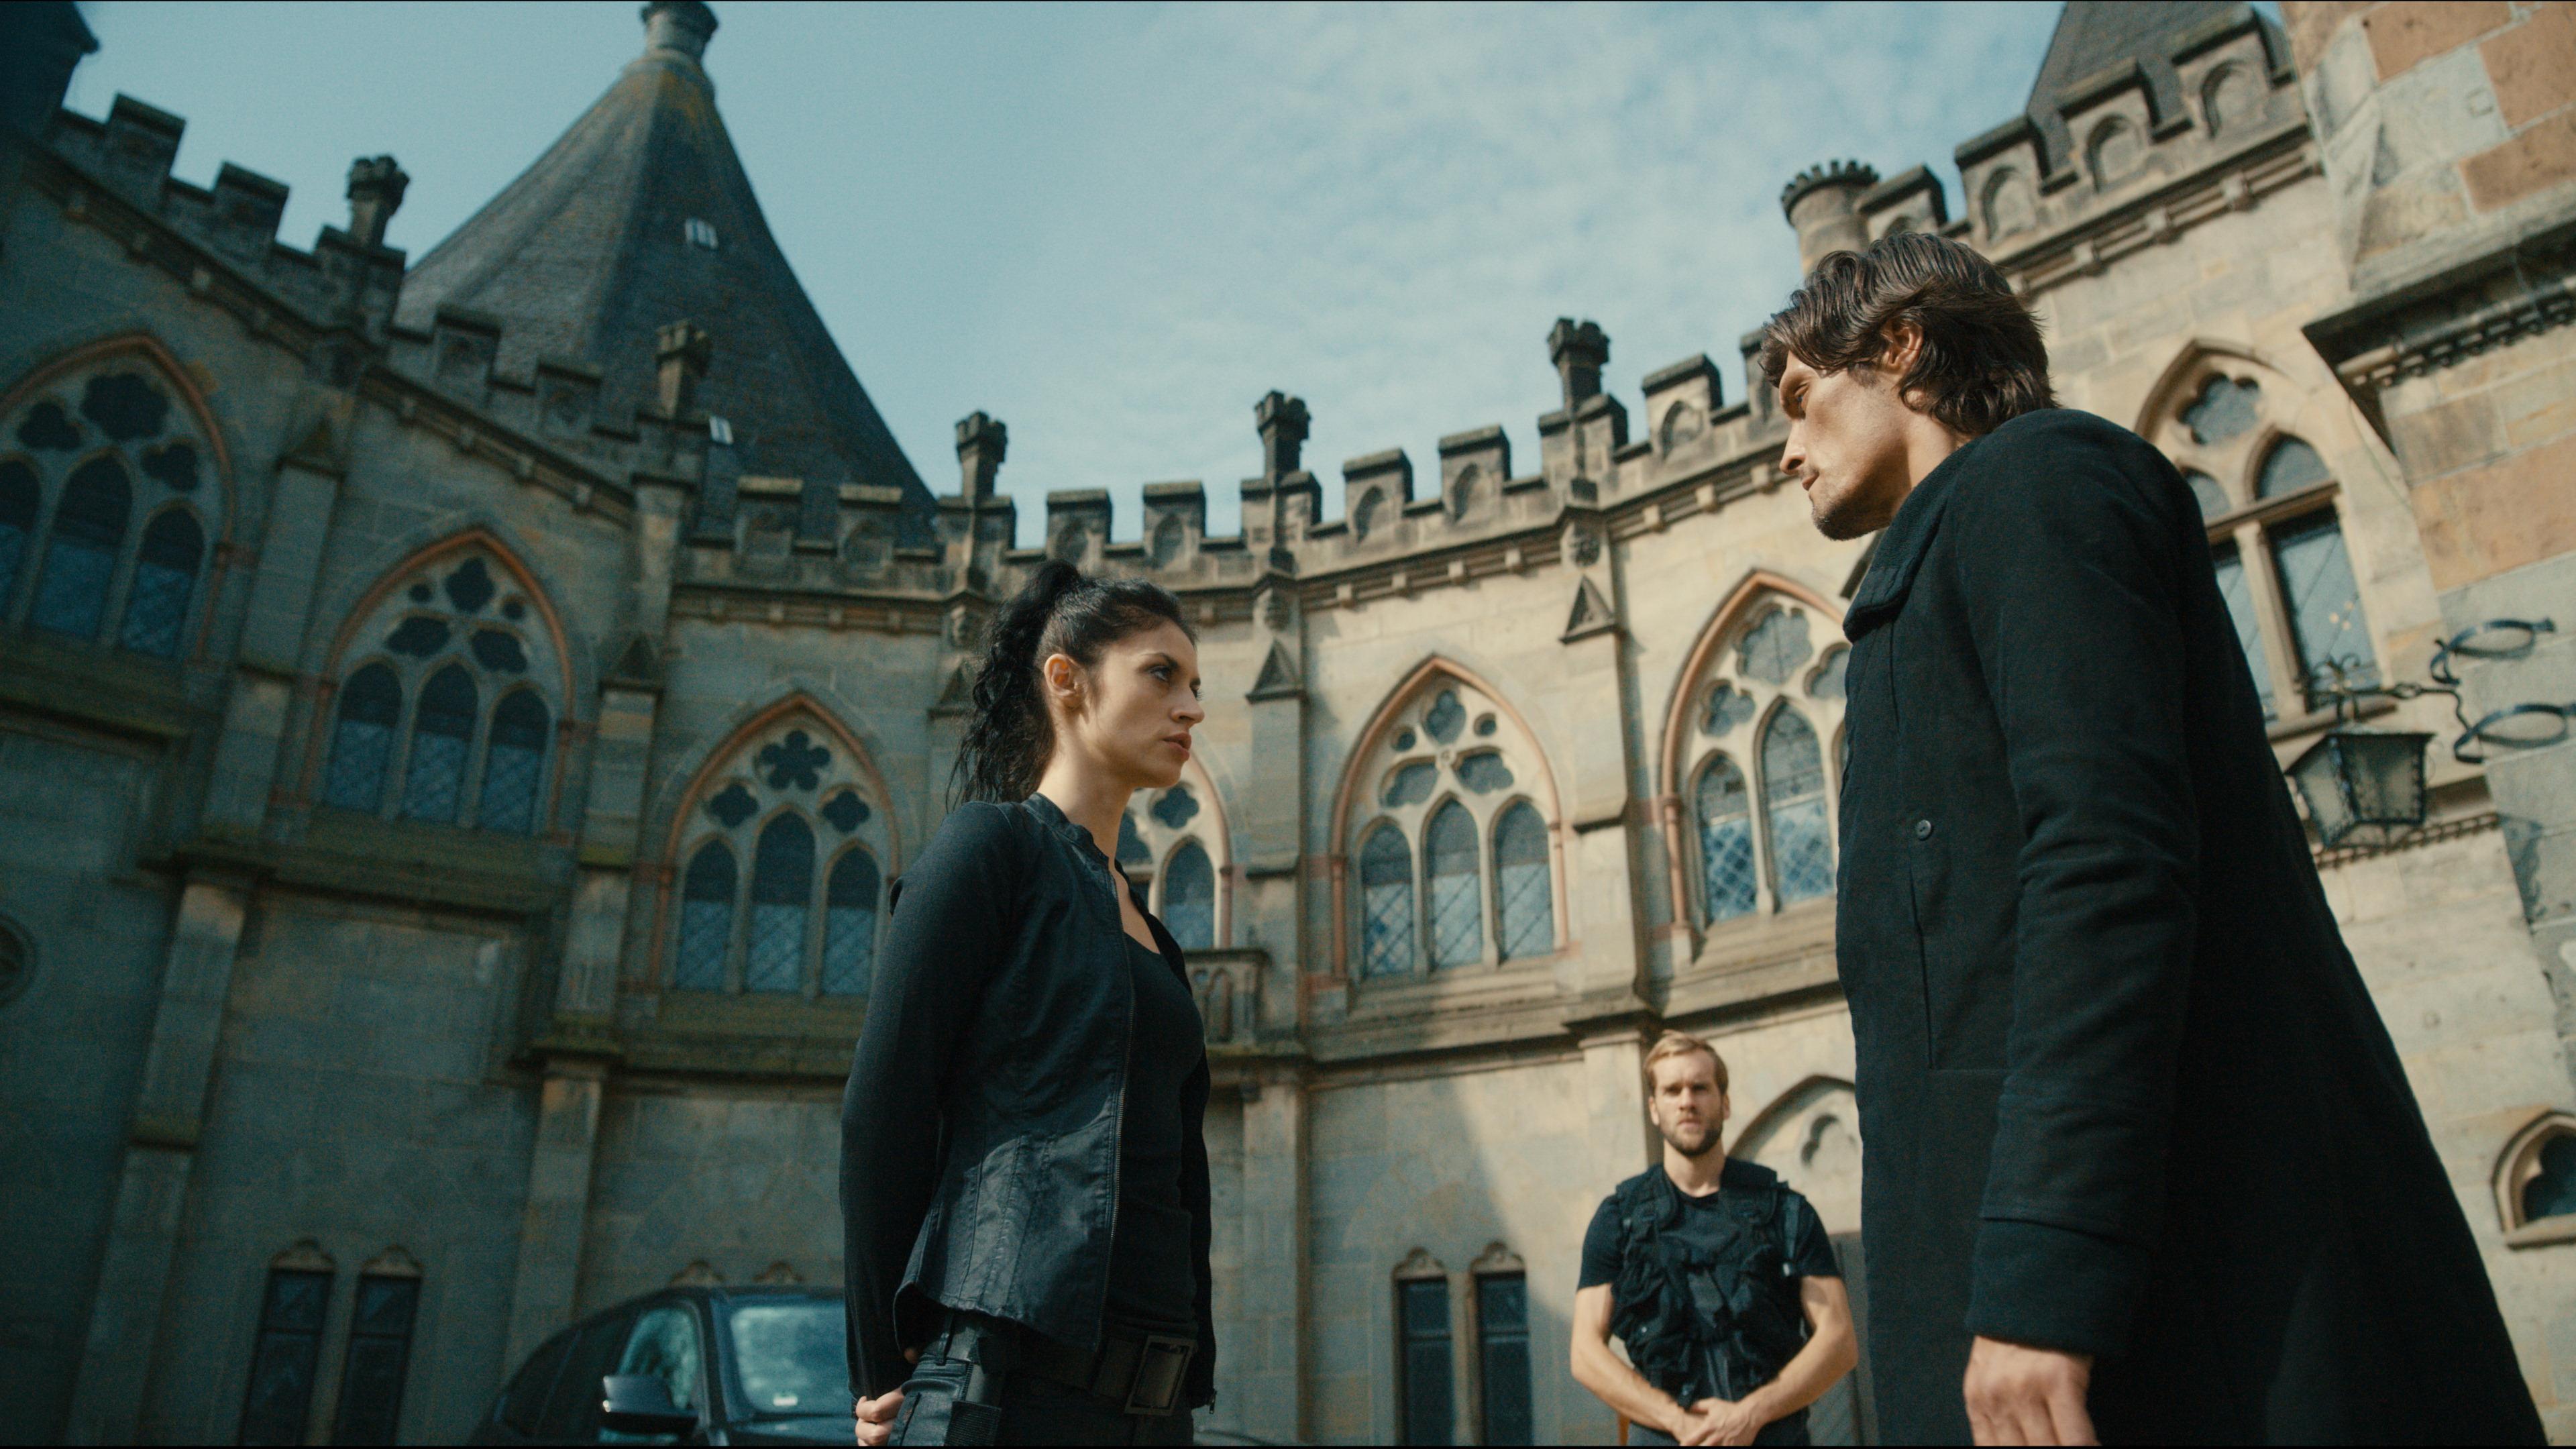 Allein Gegen Die Zeit Der Film Film 2016 Trailer Kritik